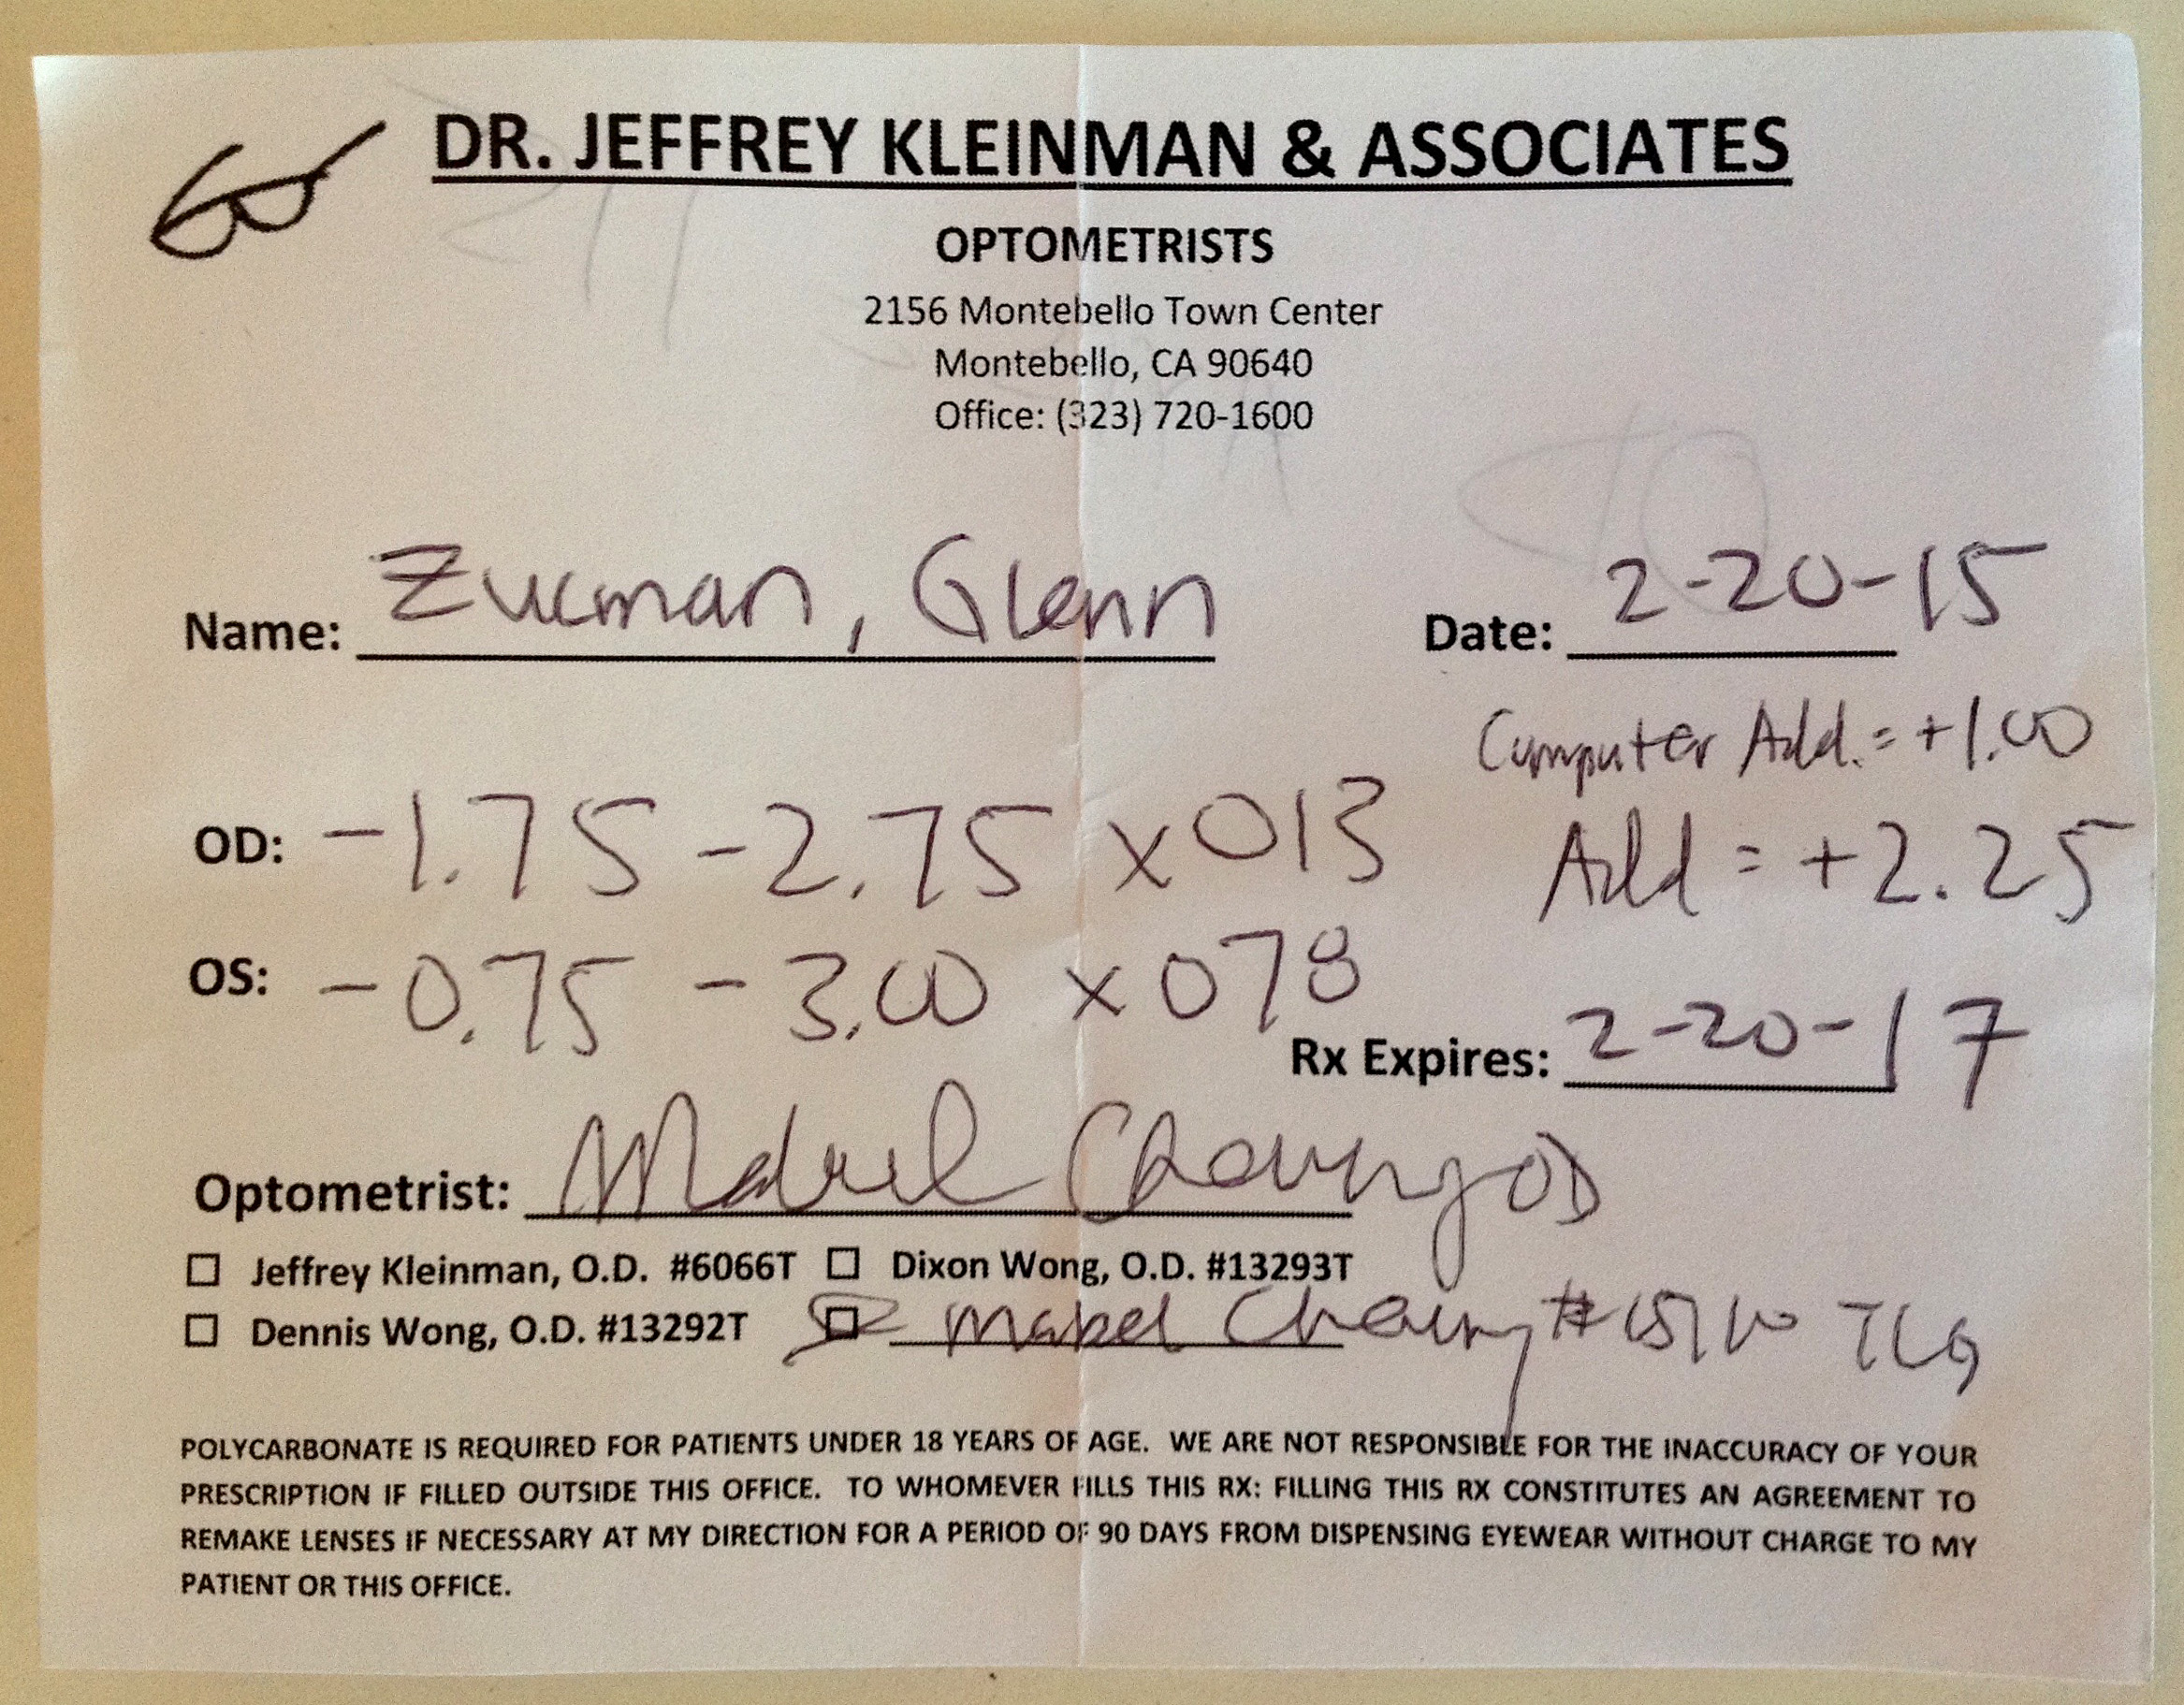 Bad eye prescription written by Dr. Jeffrey Kleinman & associates